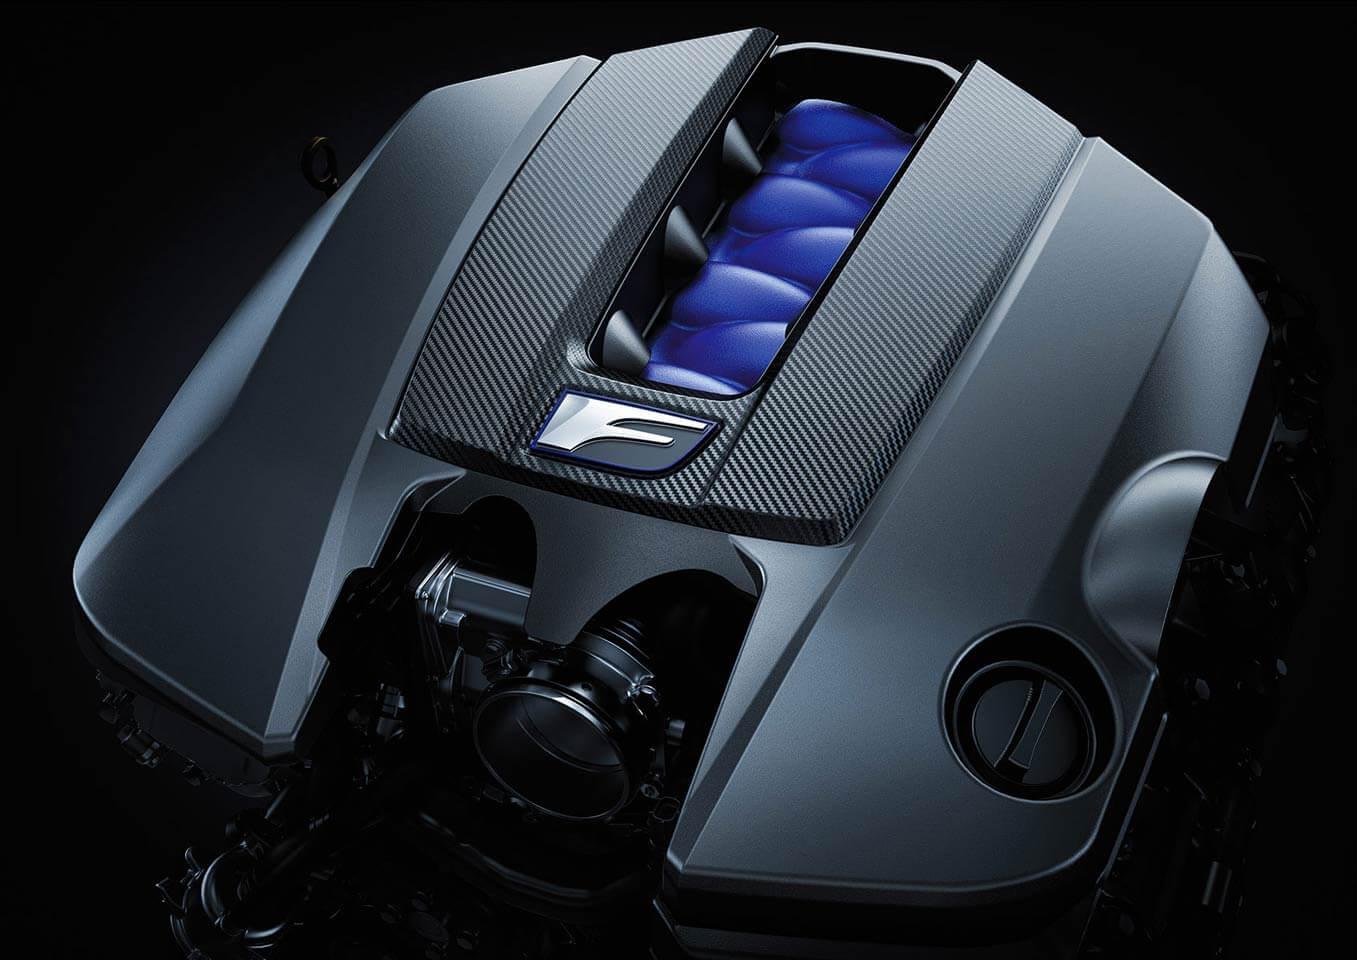 Moteur Lexus V8 de 5,0 litres